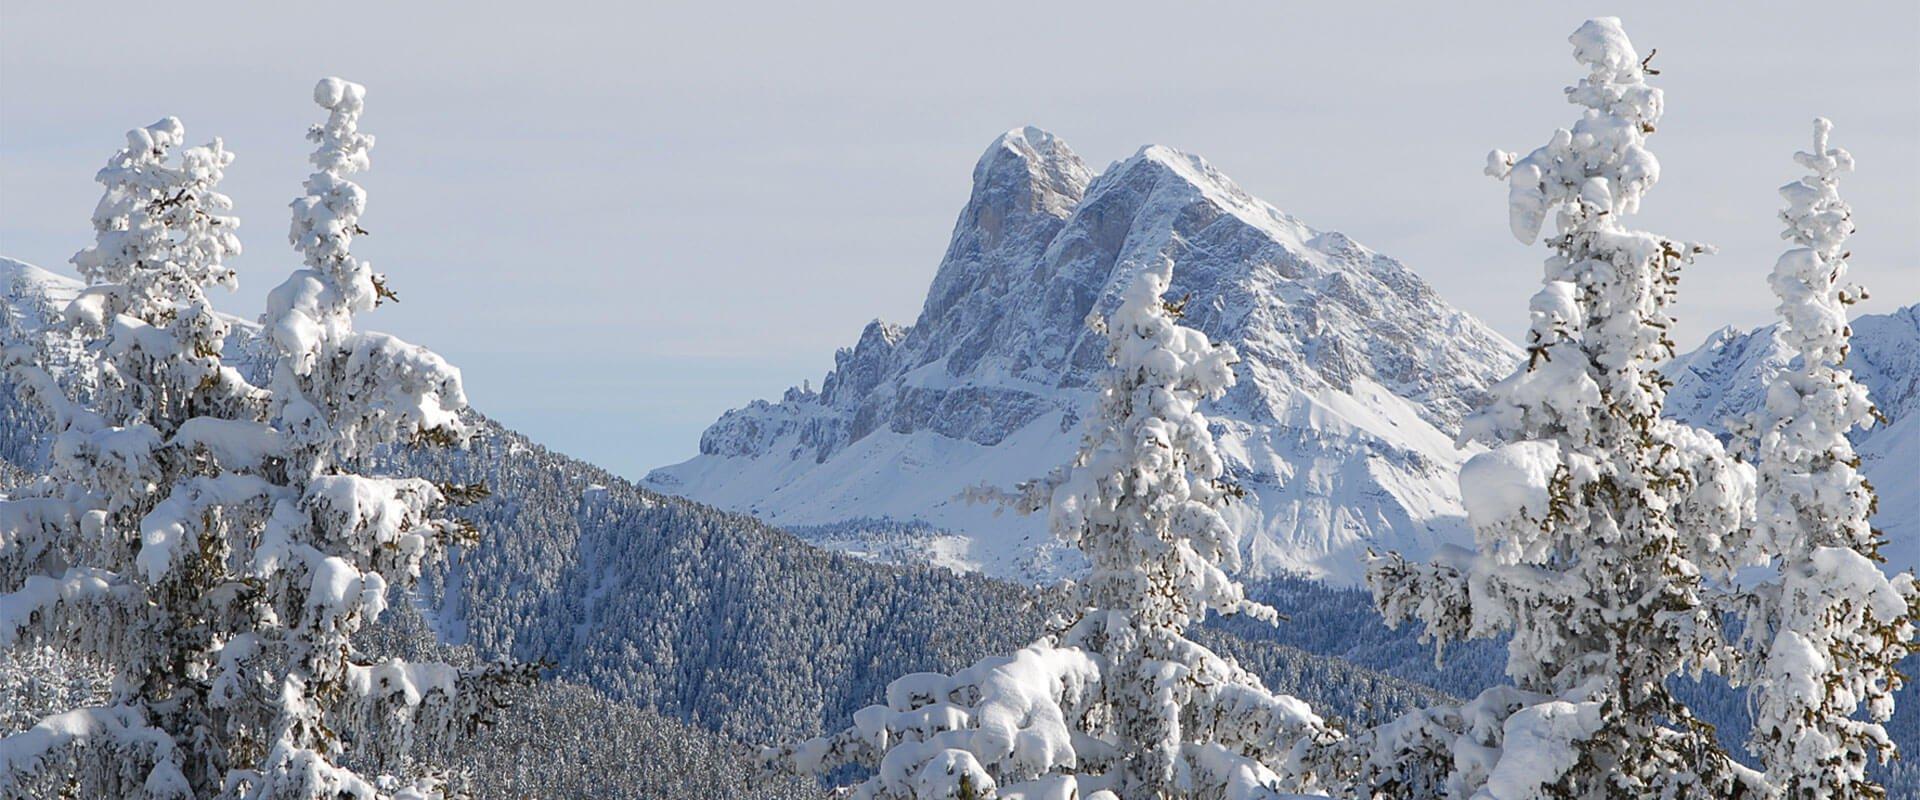 winterurlaub-in-den-bergen-dolomiten